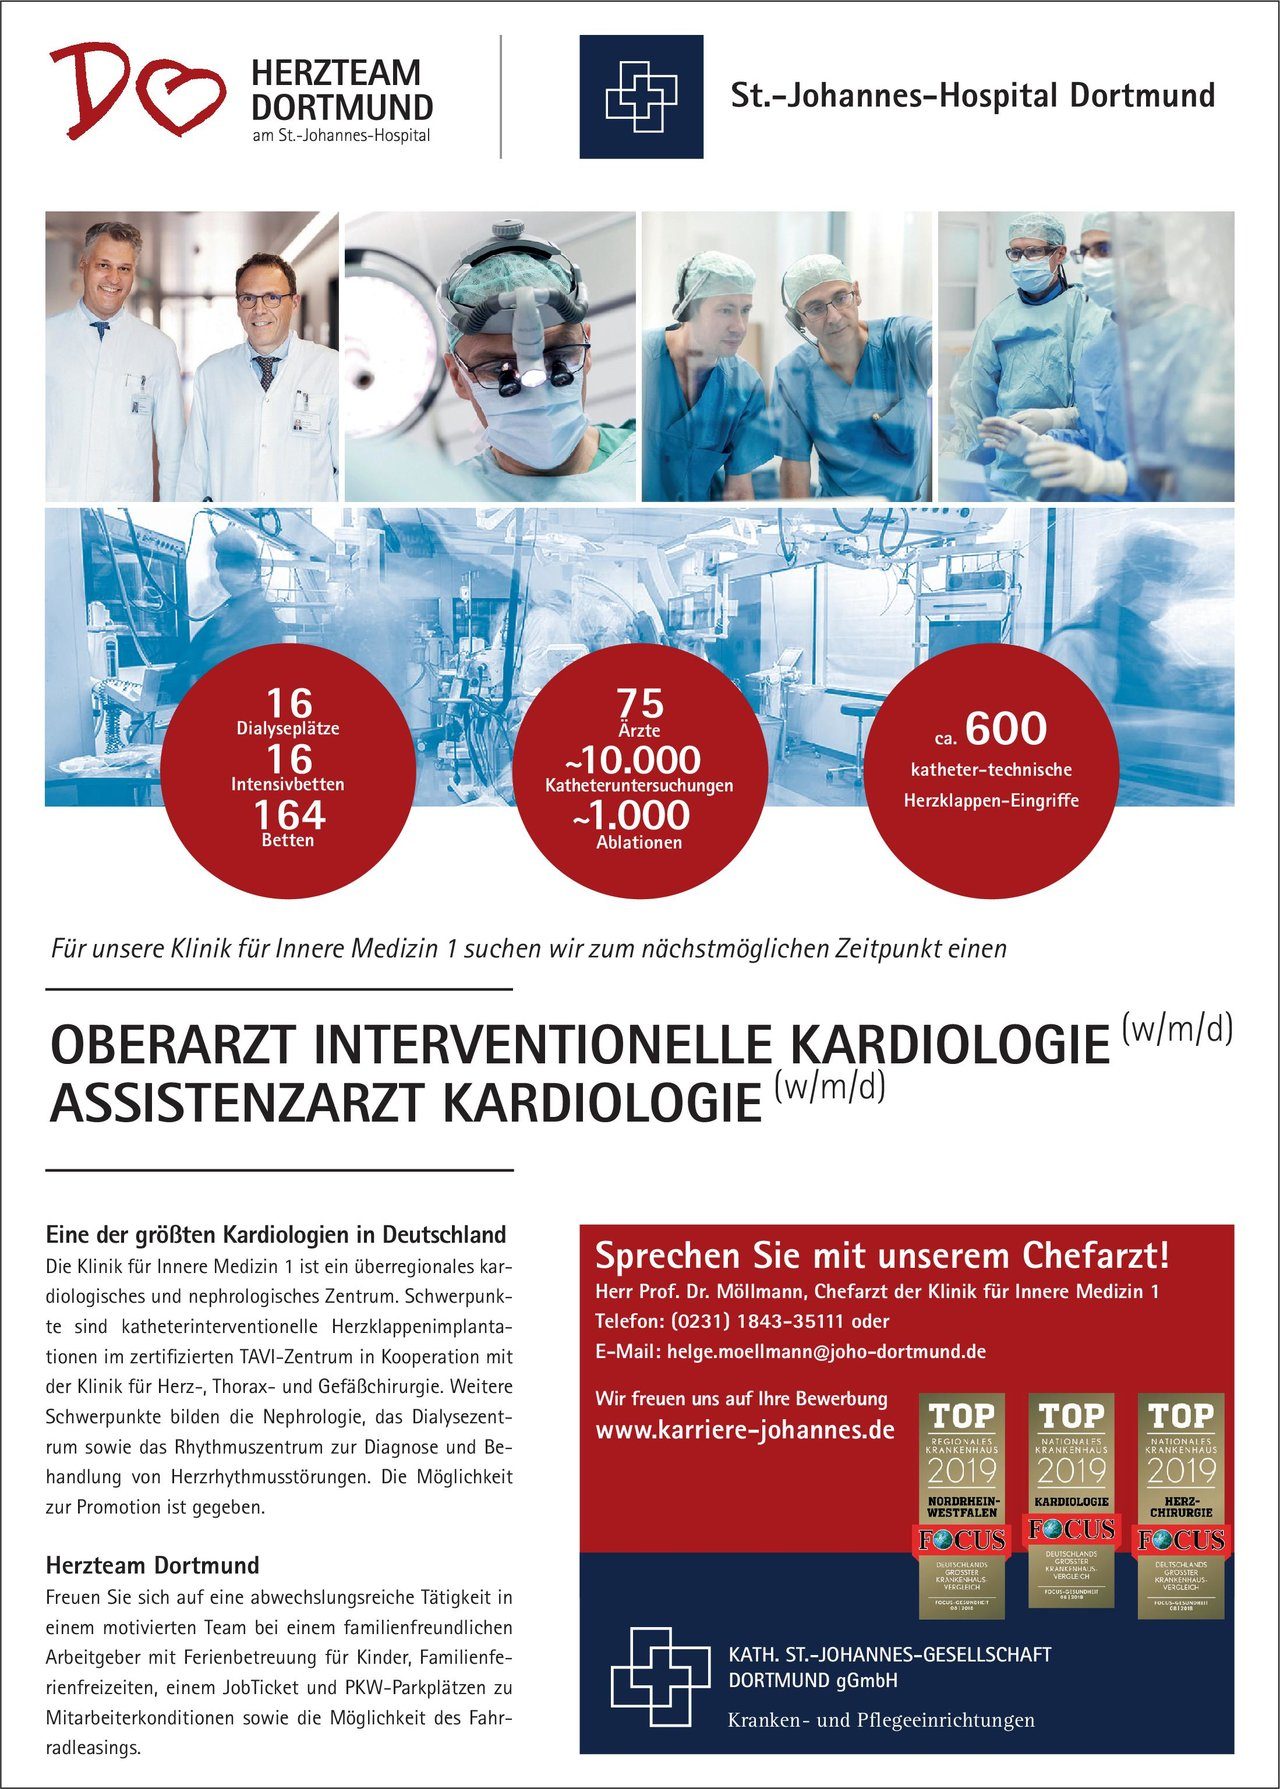 Stellenangebot Assistenzarzt Kardiologie Wmd Dortmund